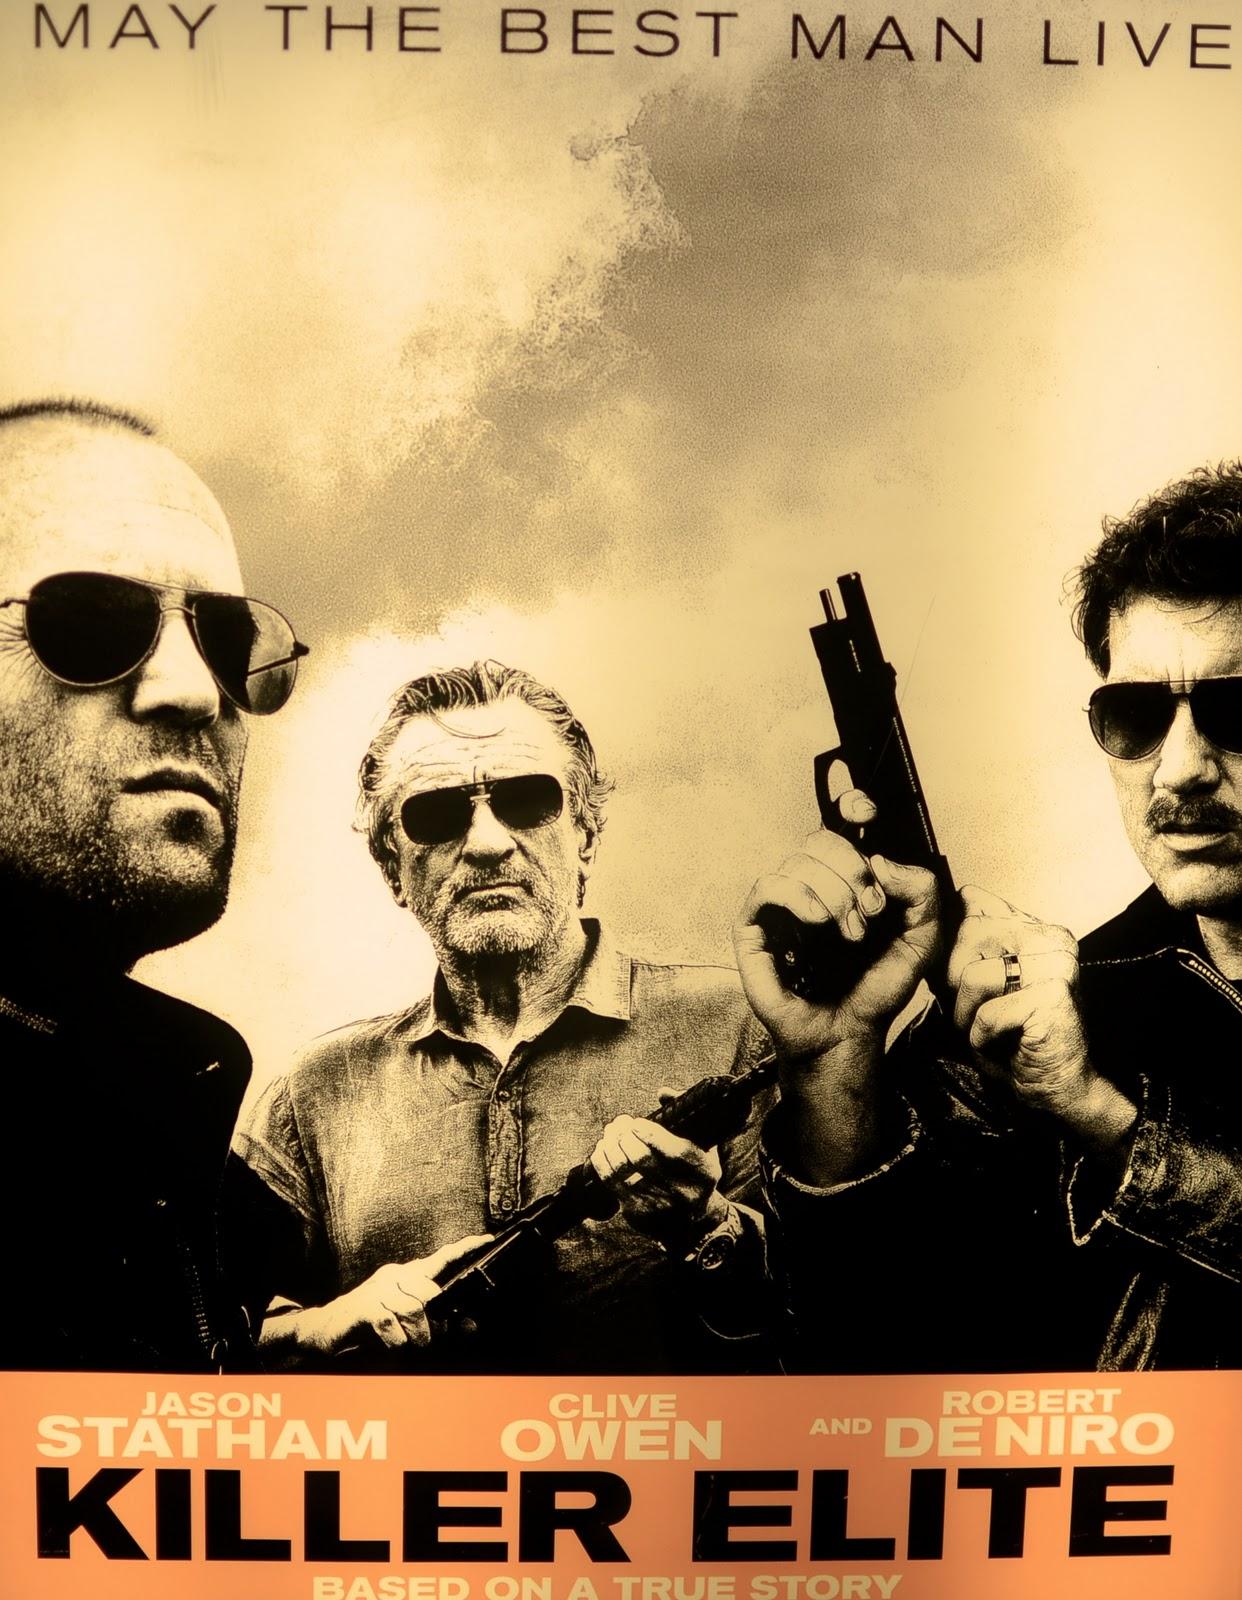 http://1.bp.blogspot.com/-OQ8oVi2v8Q0/Tn8zai8pUyI/AAAAAAAABc8/6sKNq8iewyw/s1600/killer+elite.jpg